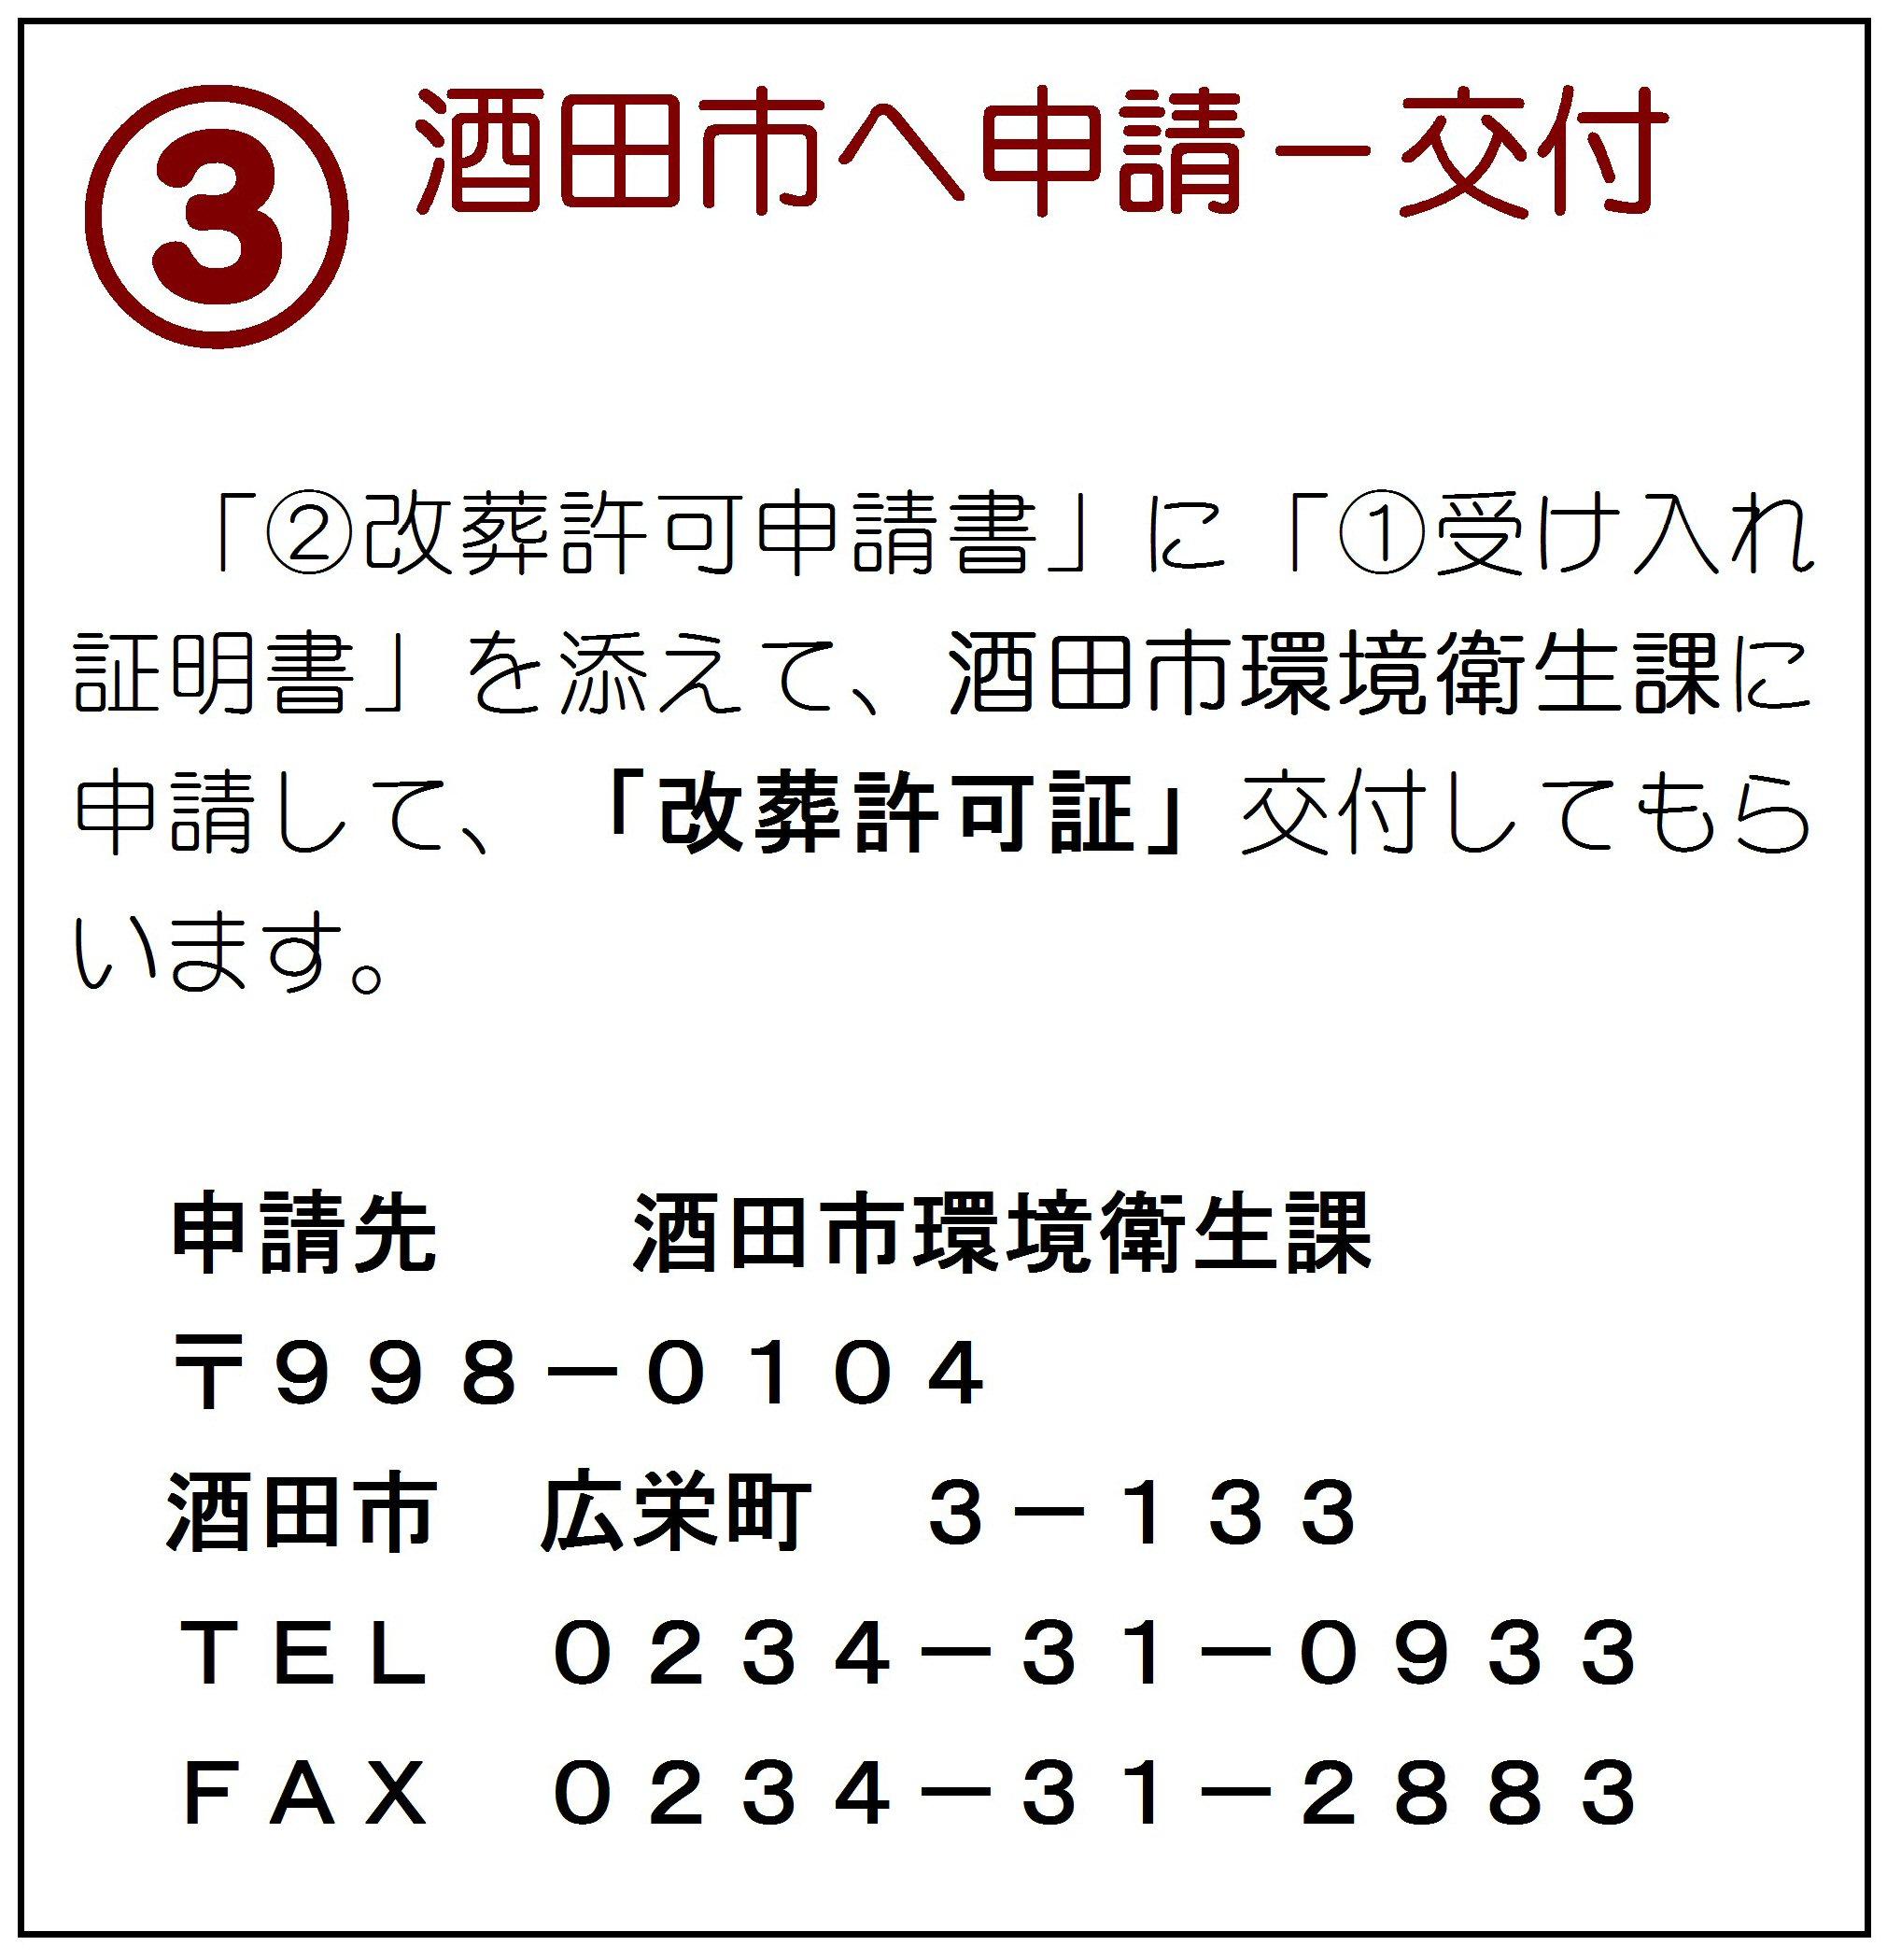 3_酒田市申請